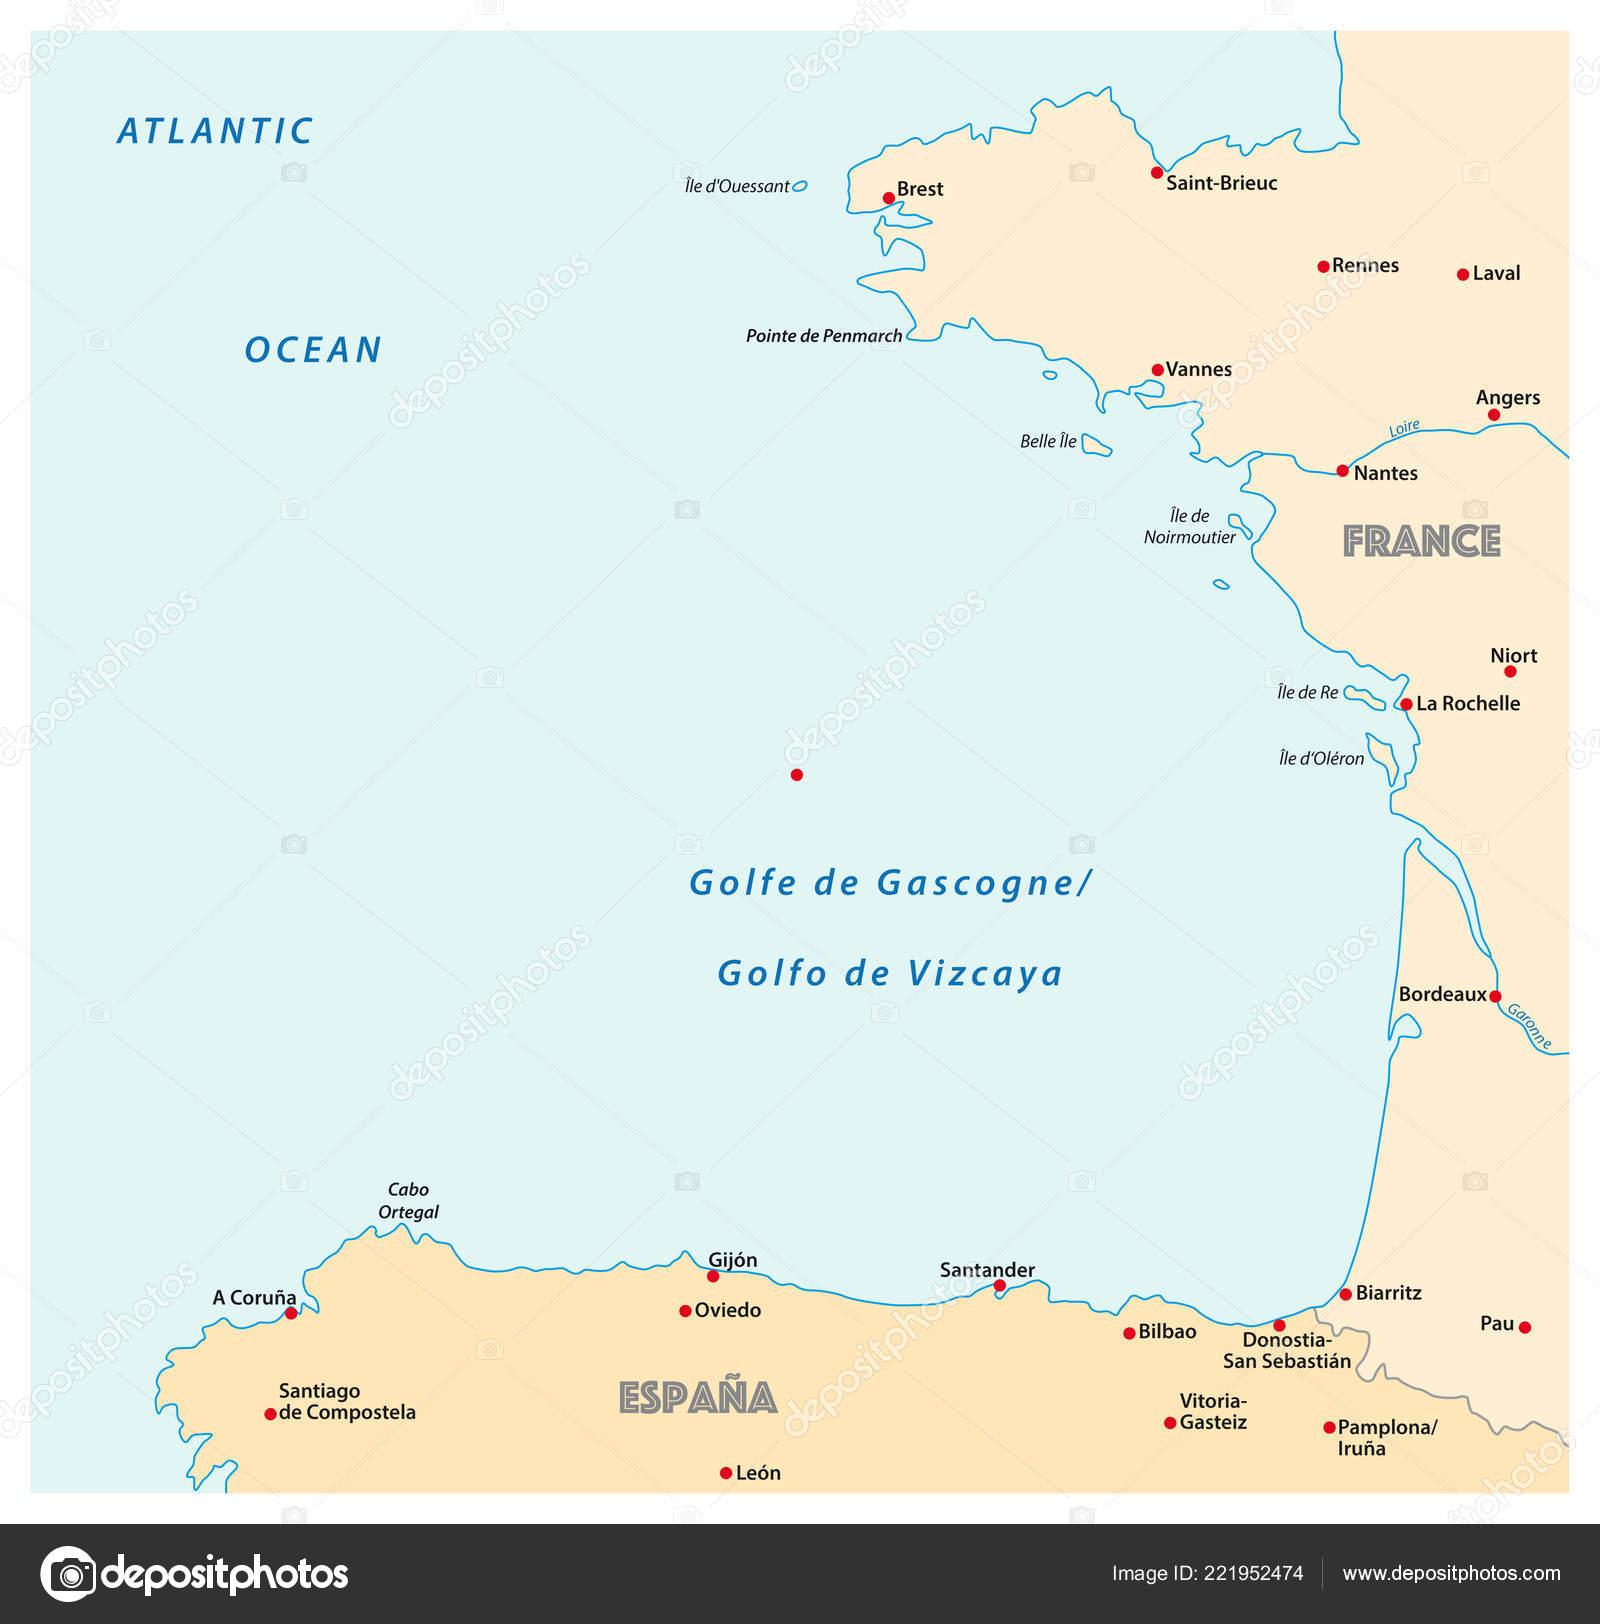 Golfo De Vizcaya Mapa.Bahia Vizcaya Mapa Vector Francia Espana Archivo Imagenes